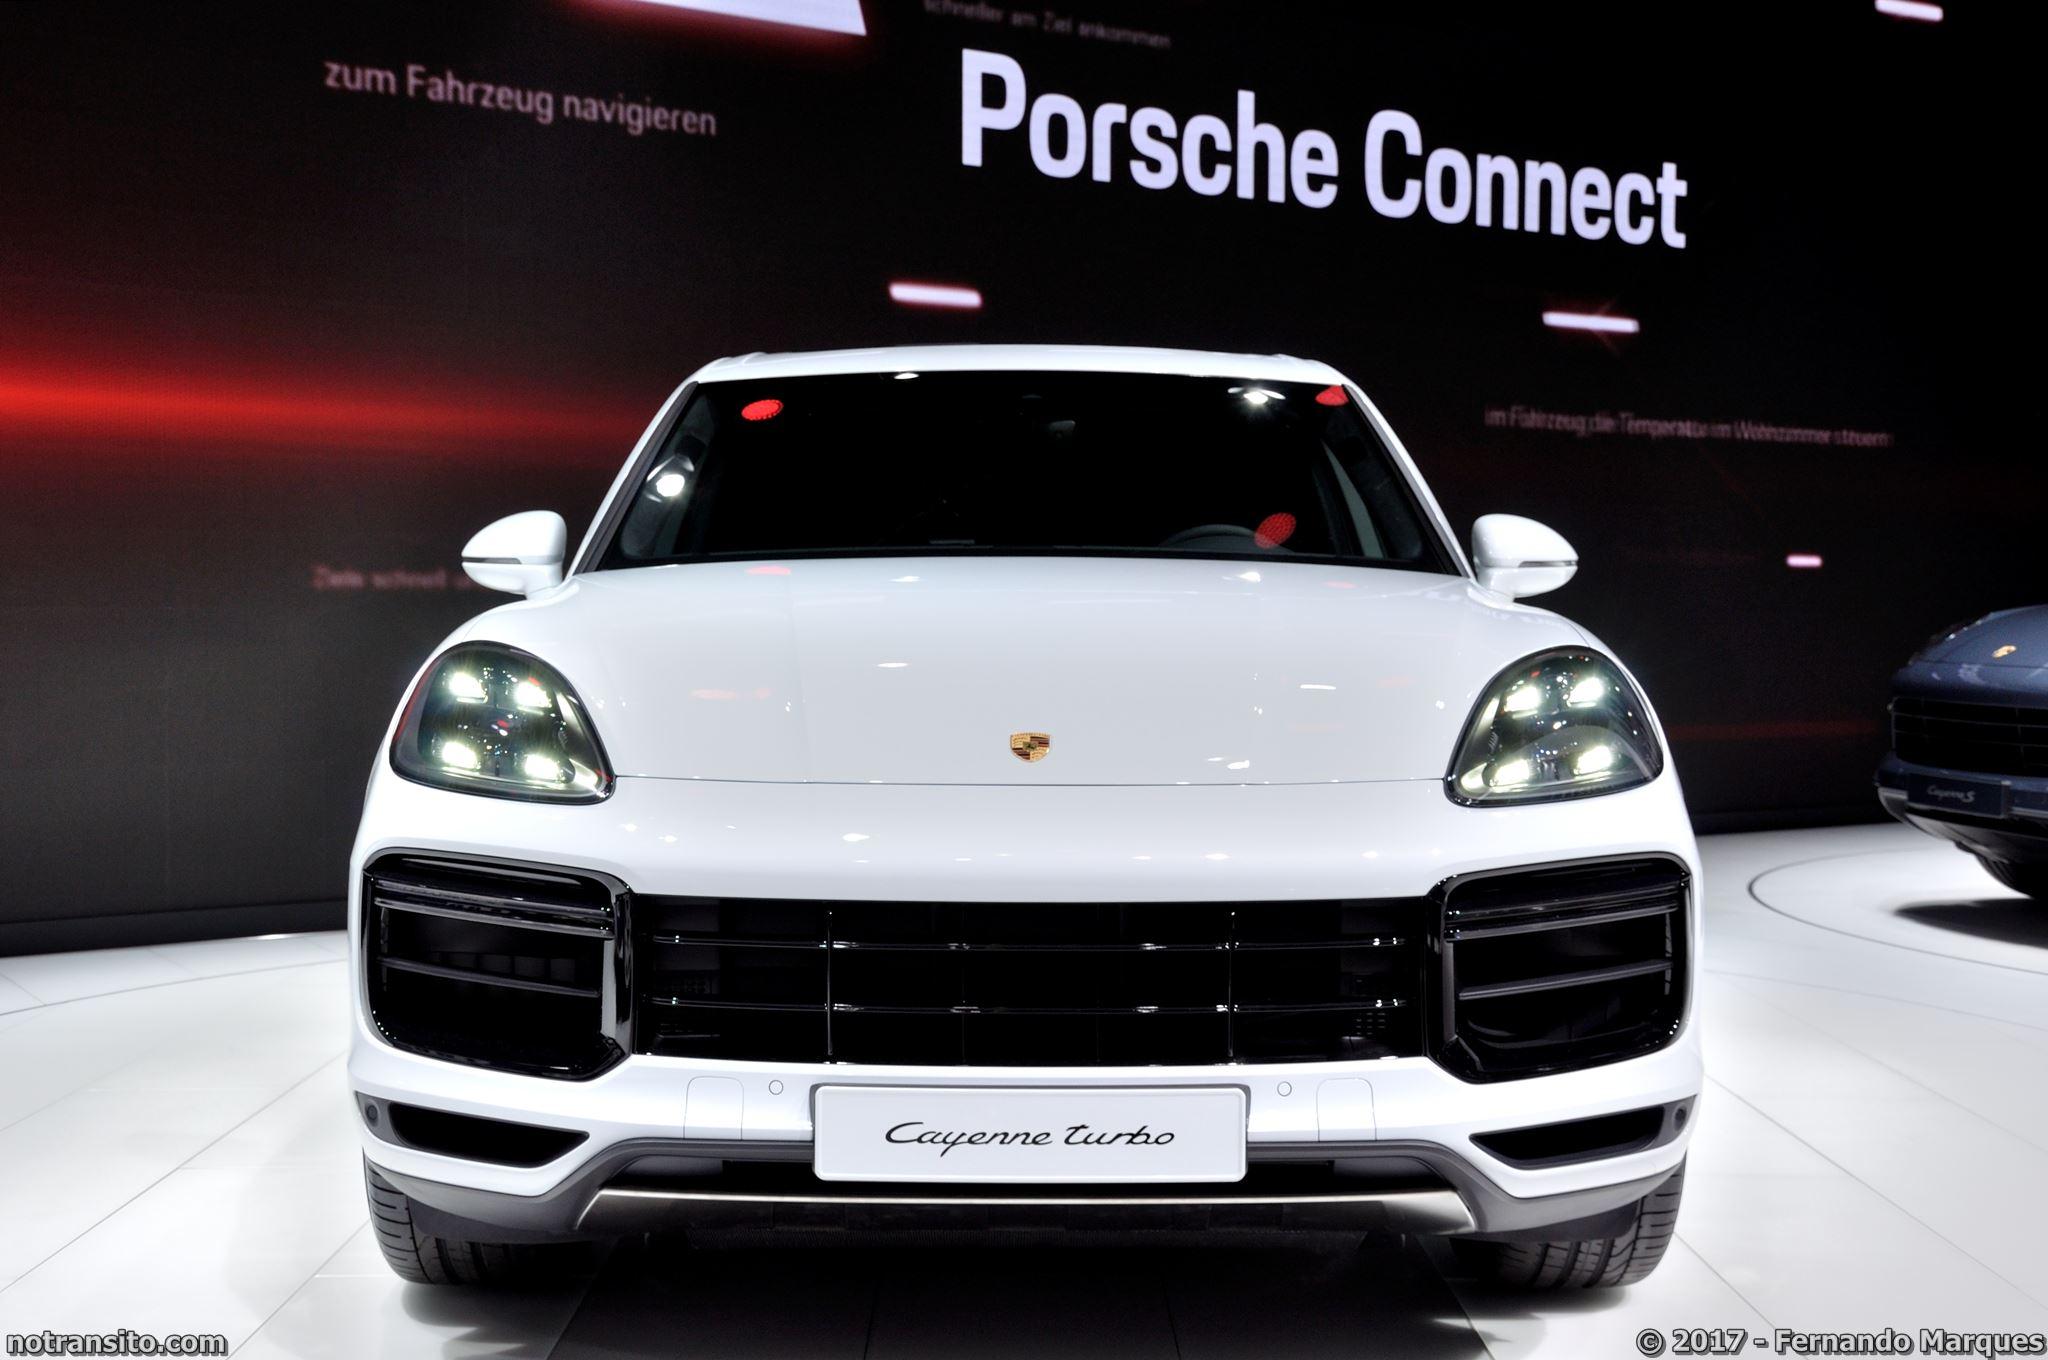 Porsche-Cayenne-Turbo-Frankfurt-2017-002